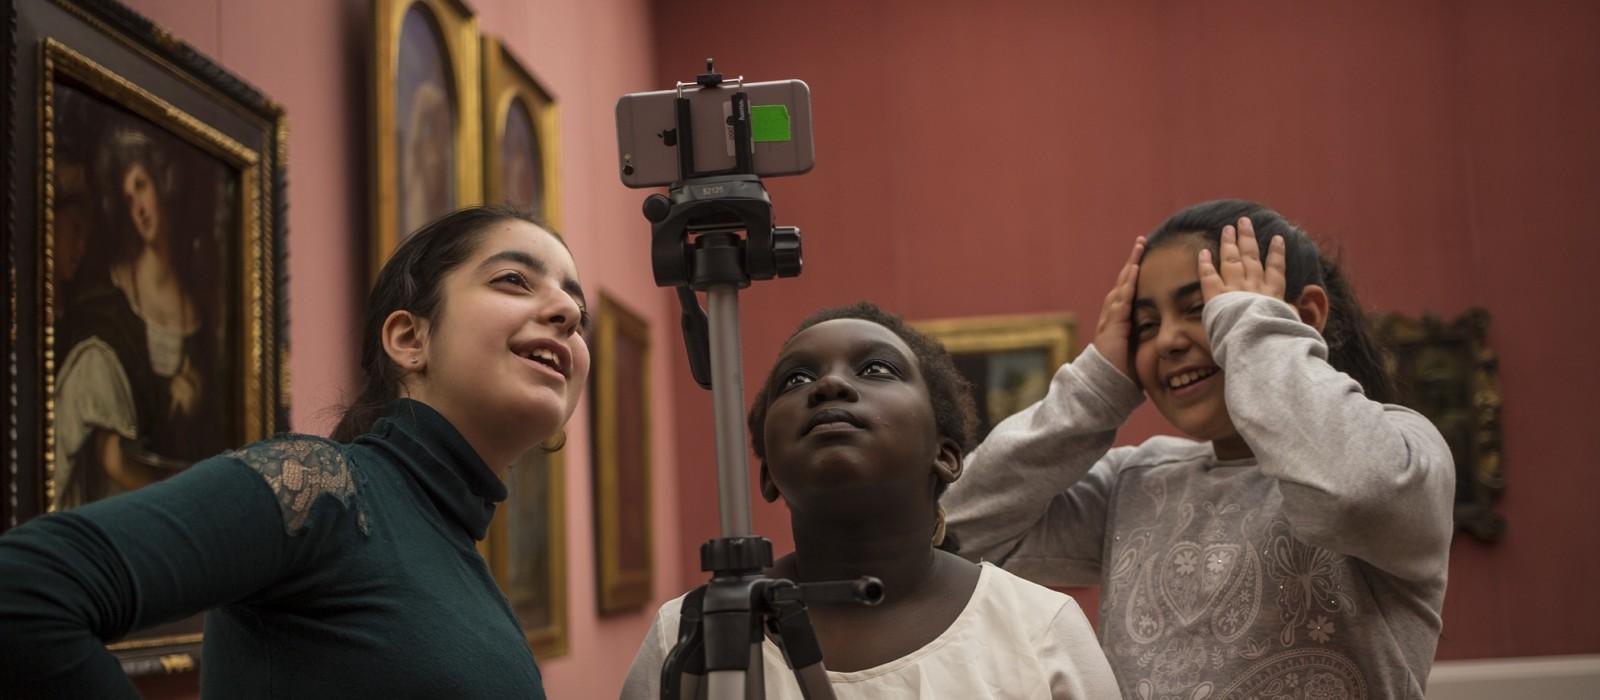 Drei Mädchen machen in einem Museum Fotos mit einem Handy